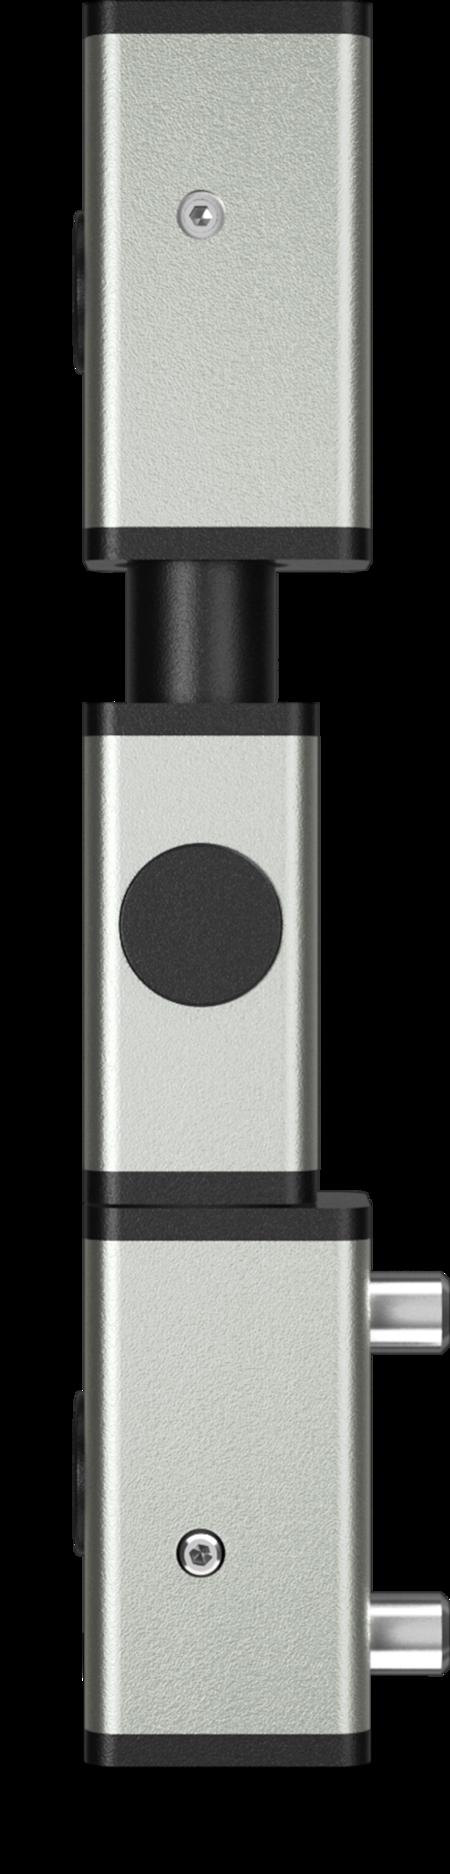 Eckscharnier 3-teilig Edelstahl, gesandstrahlt, rechts, steigend, für Türen ab 35 mm Überschlag, mit Zapfen, mit schwarzen Abdeckkappen